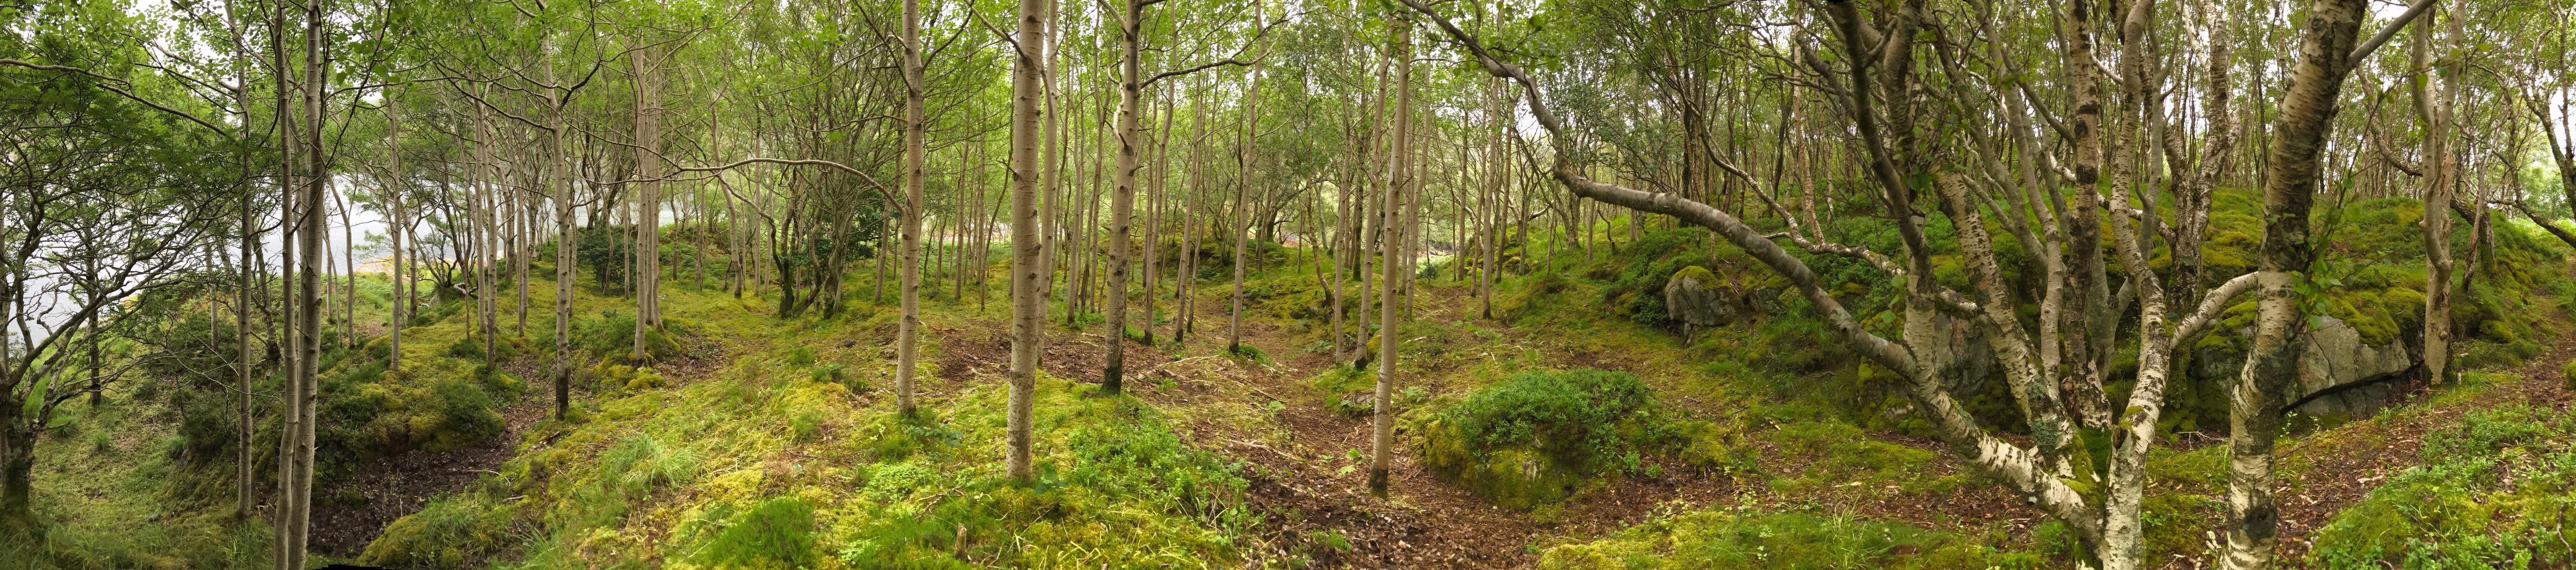 Aspen woodland Moidart